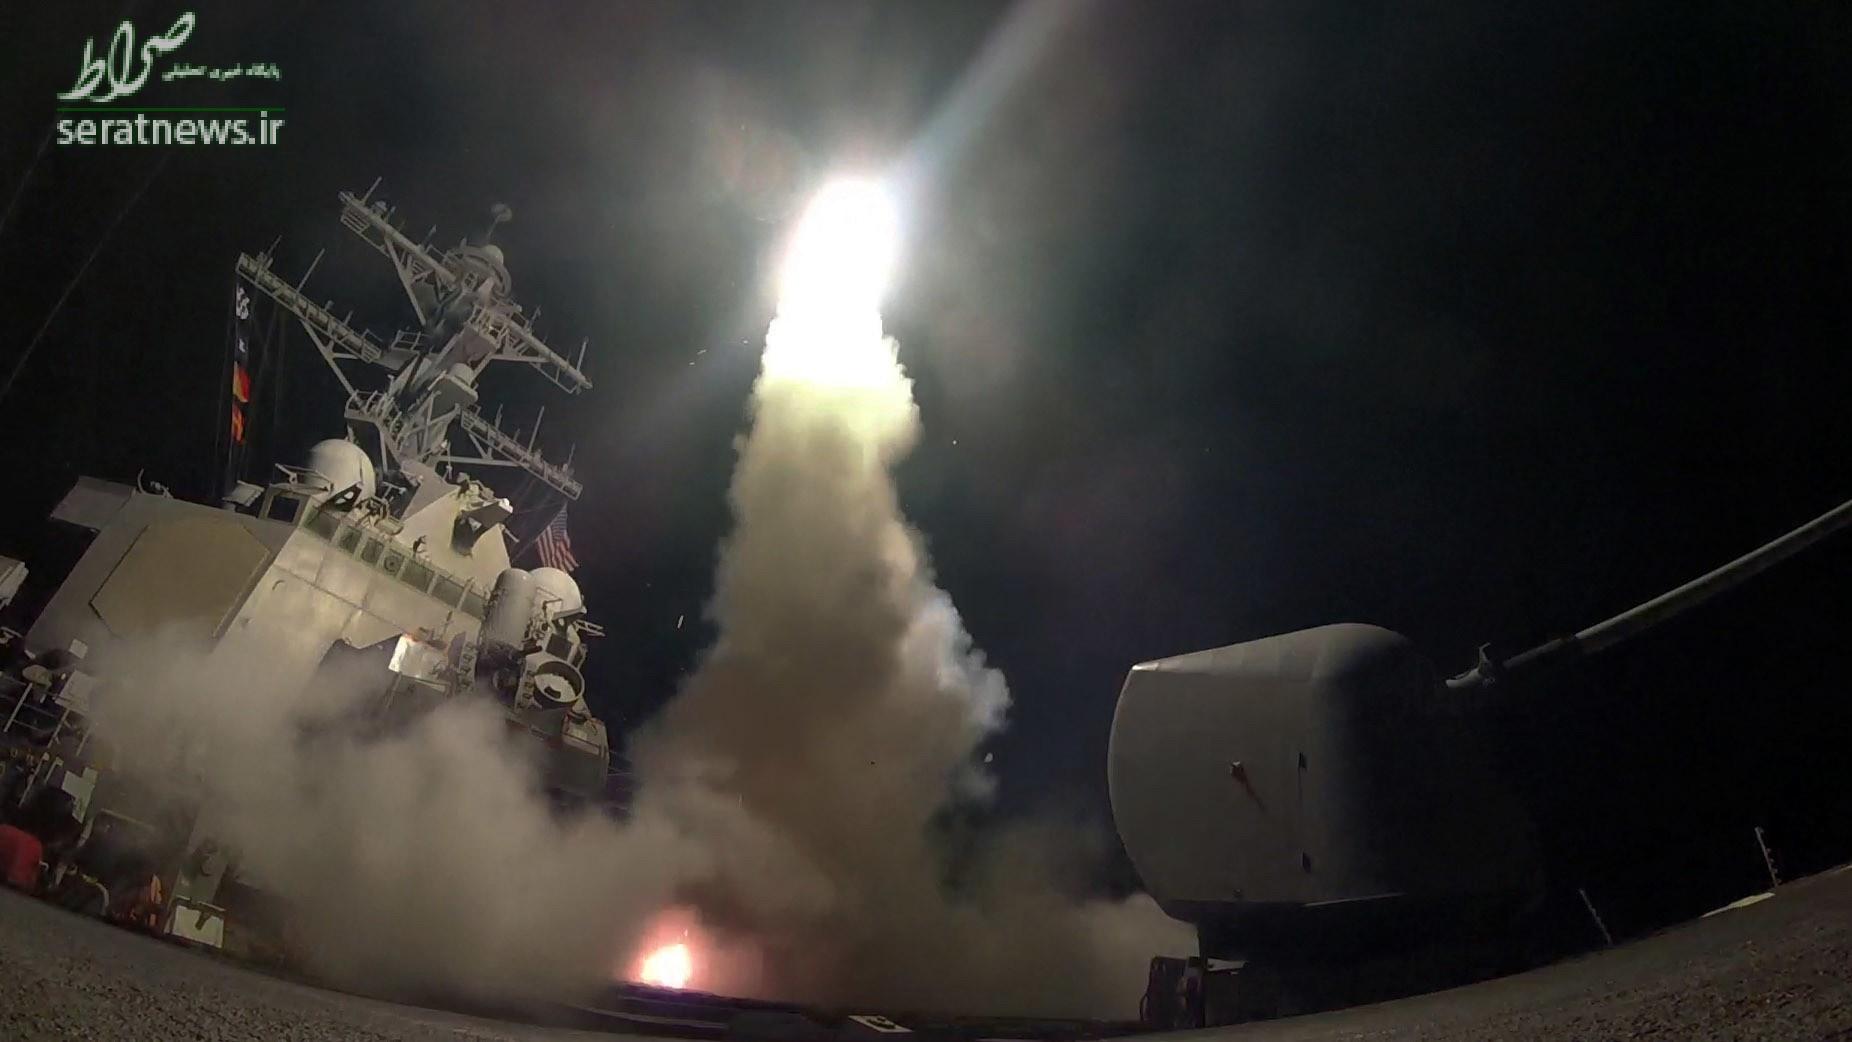 حمله به پایگاه سوریه چقدر برای آمریکا آب خورد؟ +تصاویر